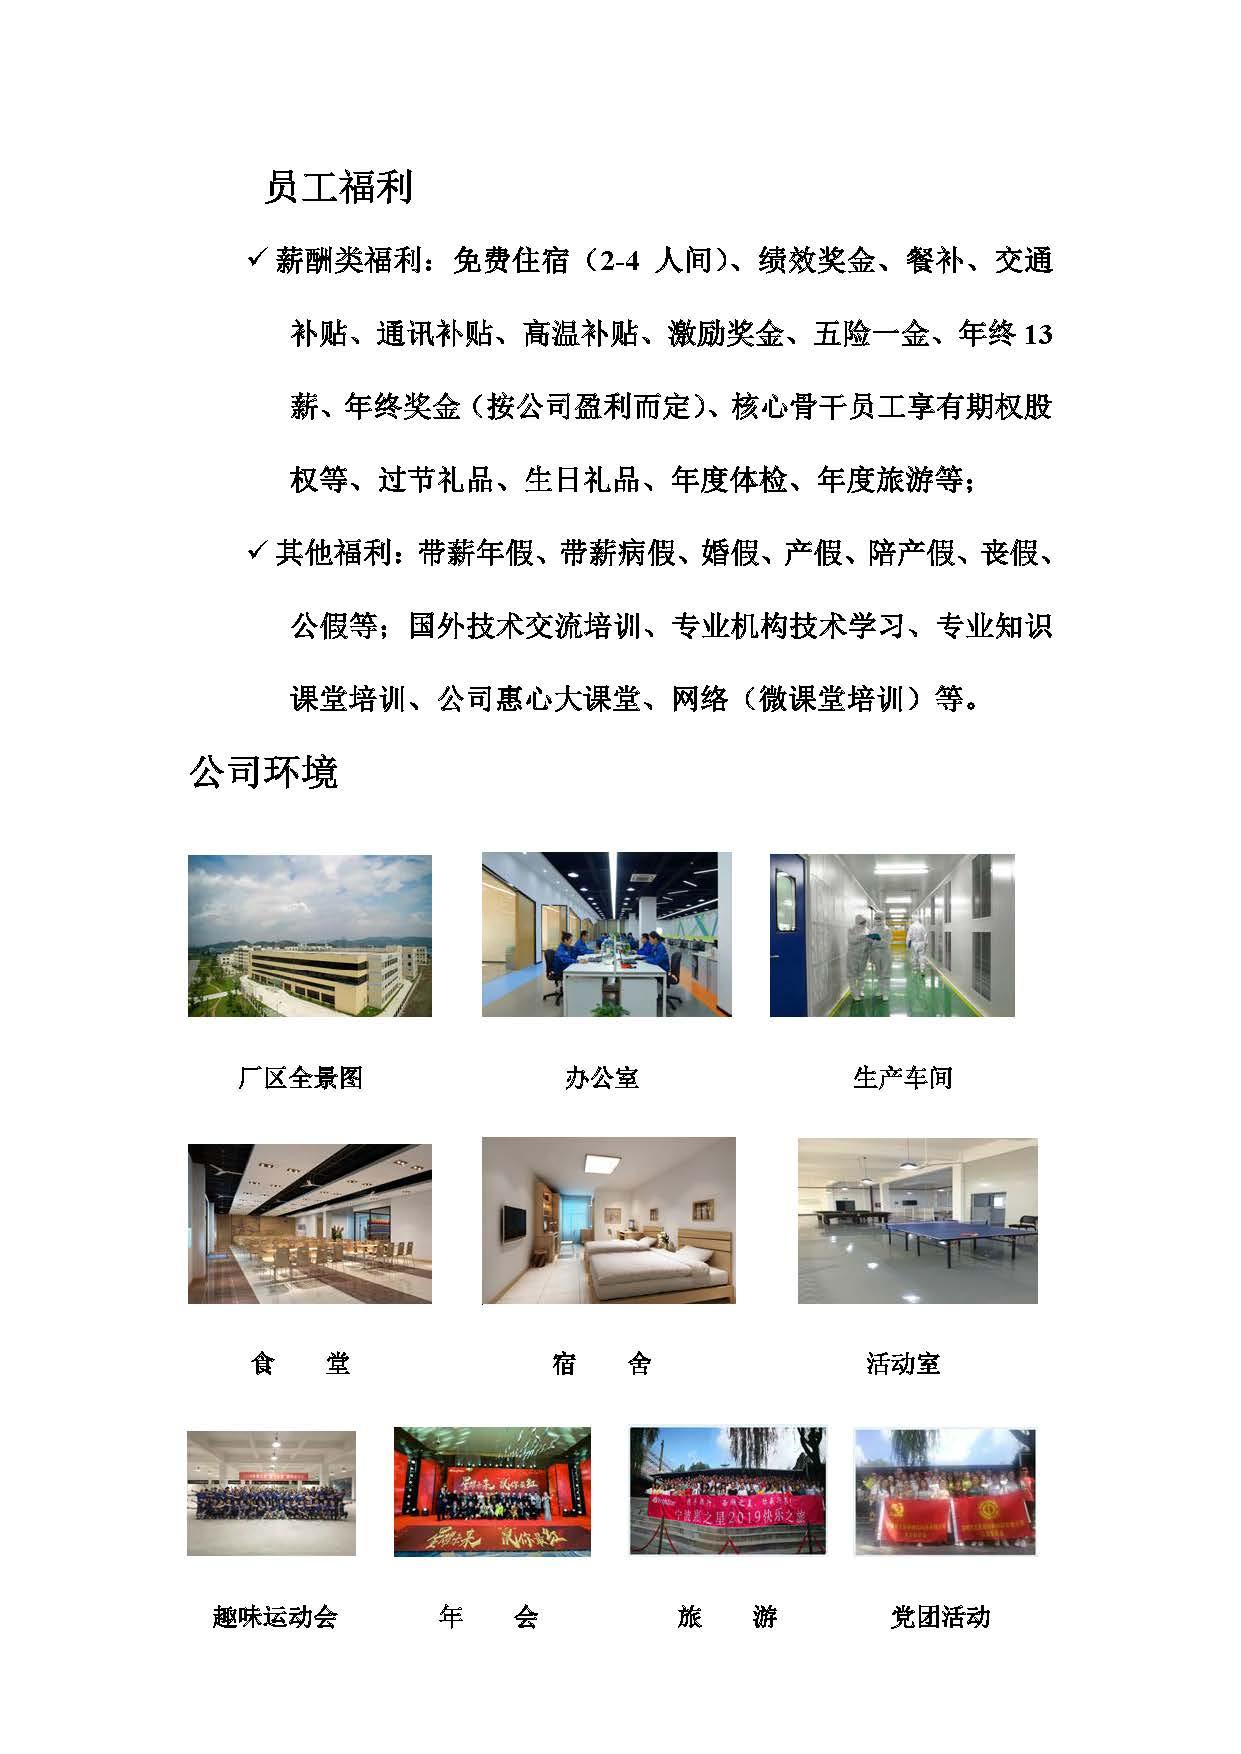 2021年寧波惠之星新材料科技有限公司校園招聘_頁面_3.jpg